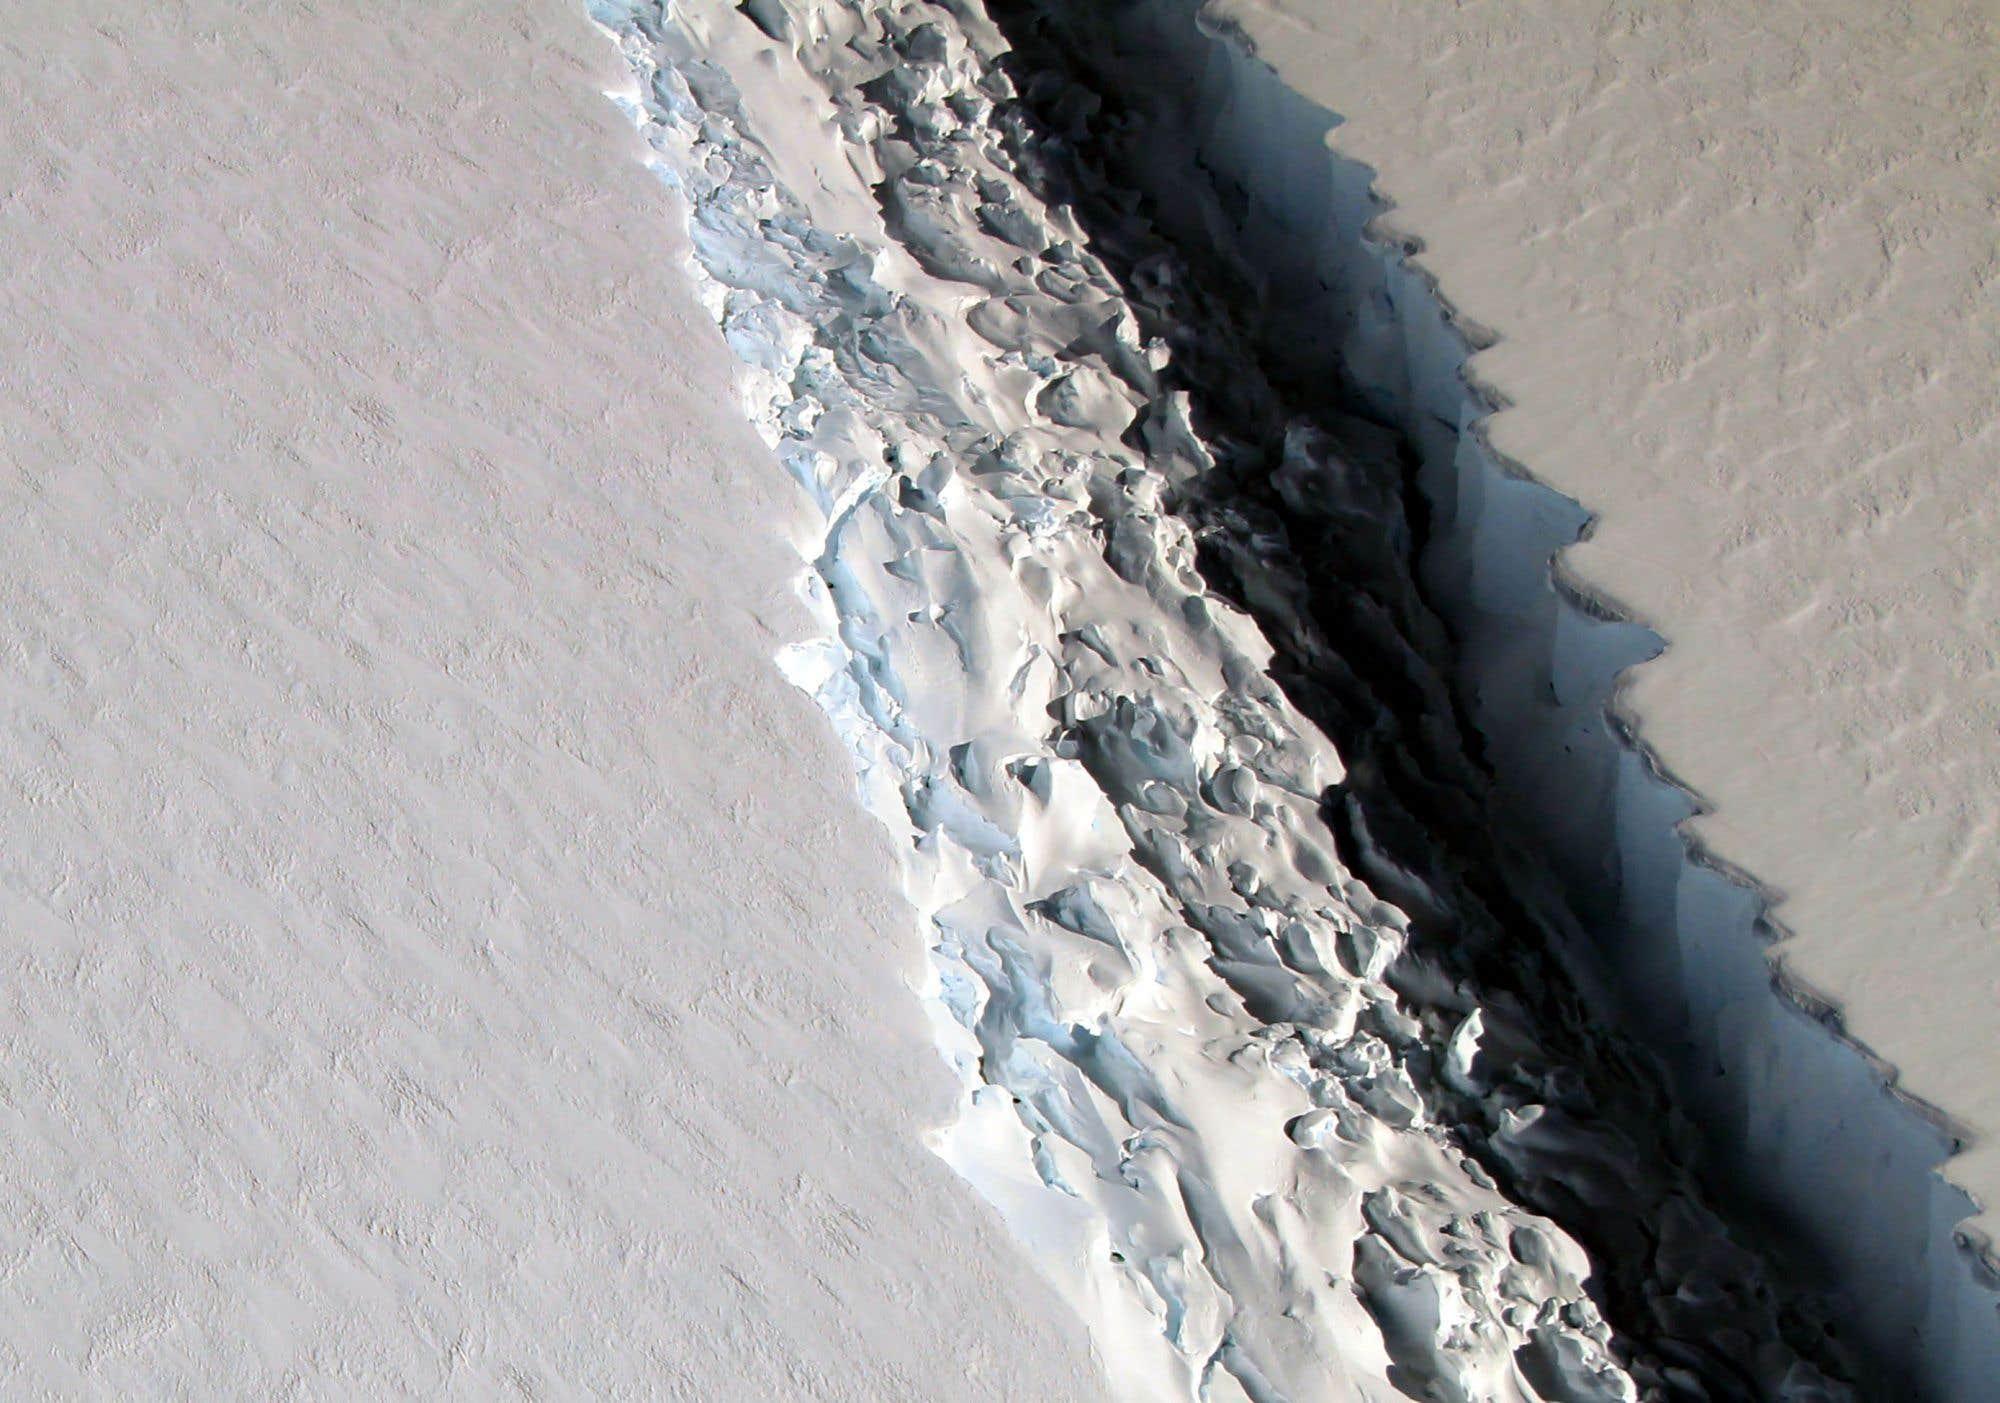 Un iceberg géant s'est détaché de l'Antarctique mardi. D'une dimension de 5 800 km2, soit onze fois la taille de l'île de Montréal, l'iceberg A68 faisait partie de la barrière de glace Larsen C. Ce nouvel épisode s'ajoute à une série de désintégrations des barrières de glace nommées «Larsen» au cours des 20 dernières années: Larsen A s'est effondrée en 1995, suivie en 2002 par Larsen B. Consultez notre texte sur le sujet